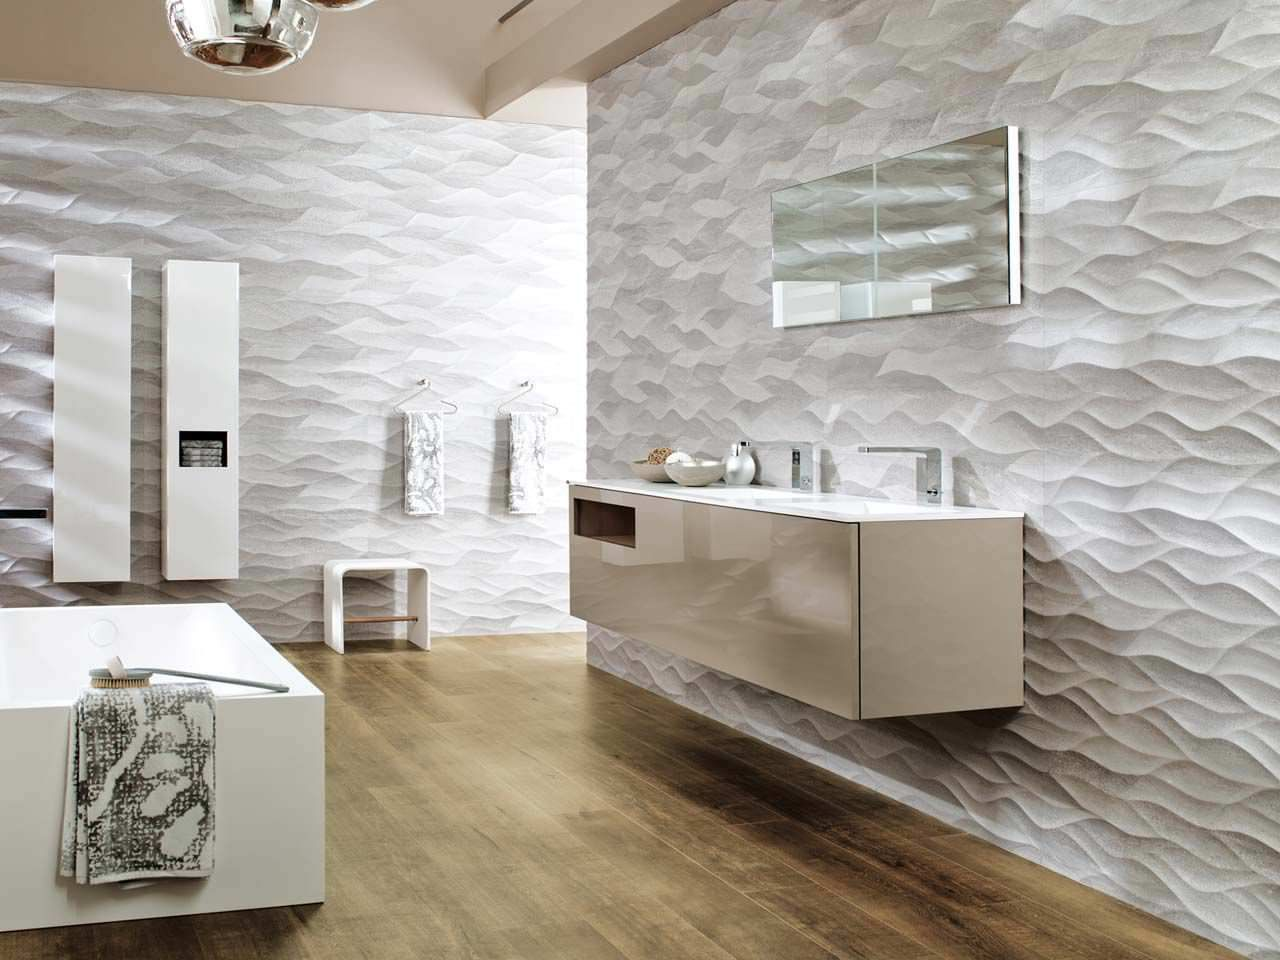 Carrelage de salle de bain mural en c ramique 3d ona - Porcelanosa salle de bain ...